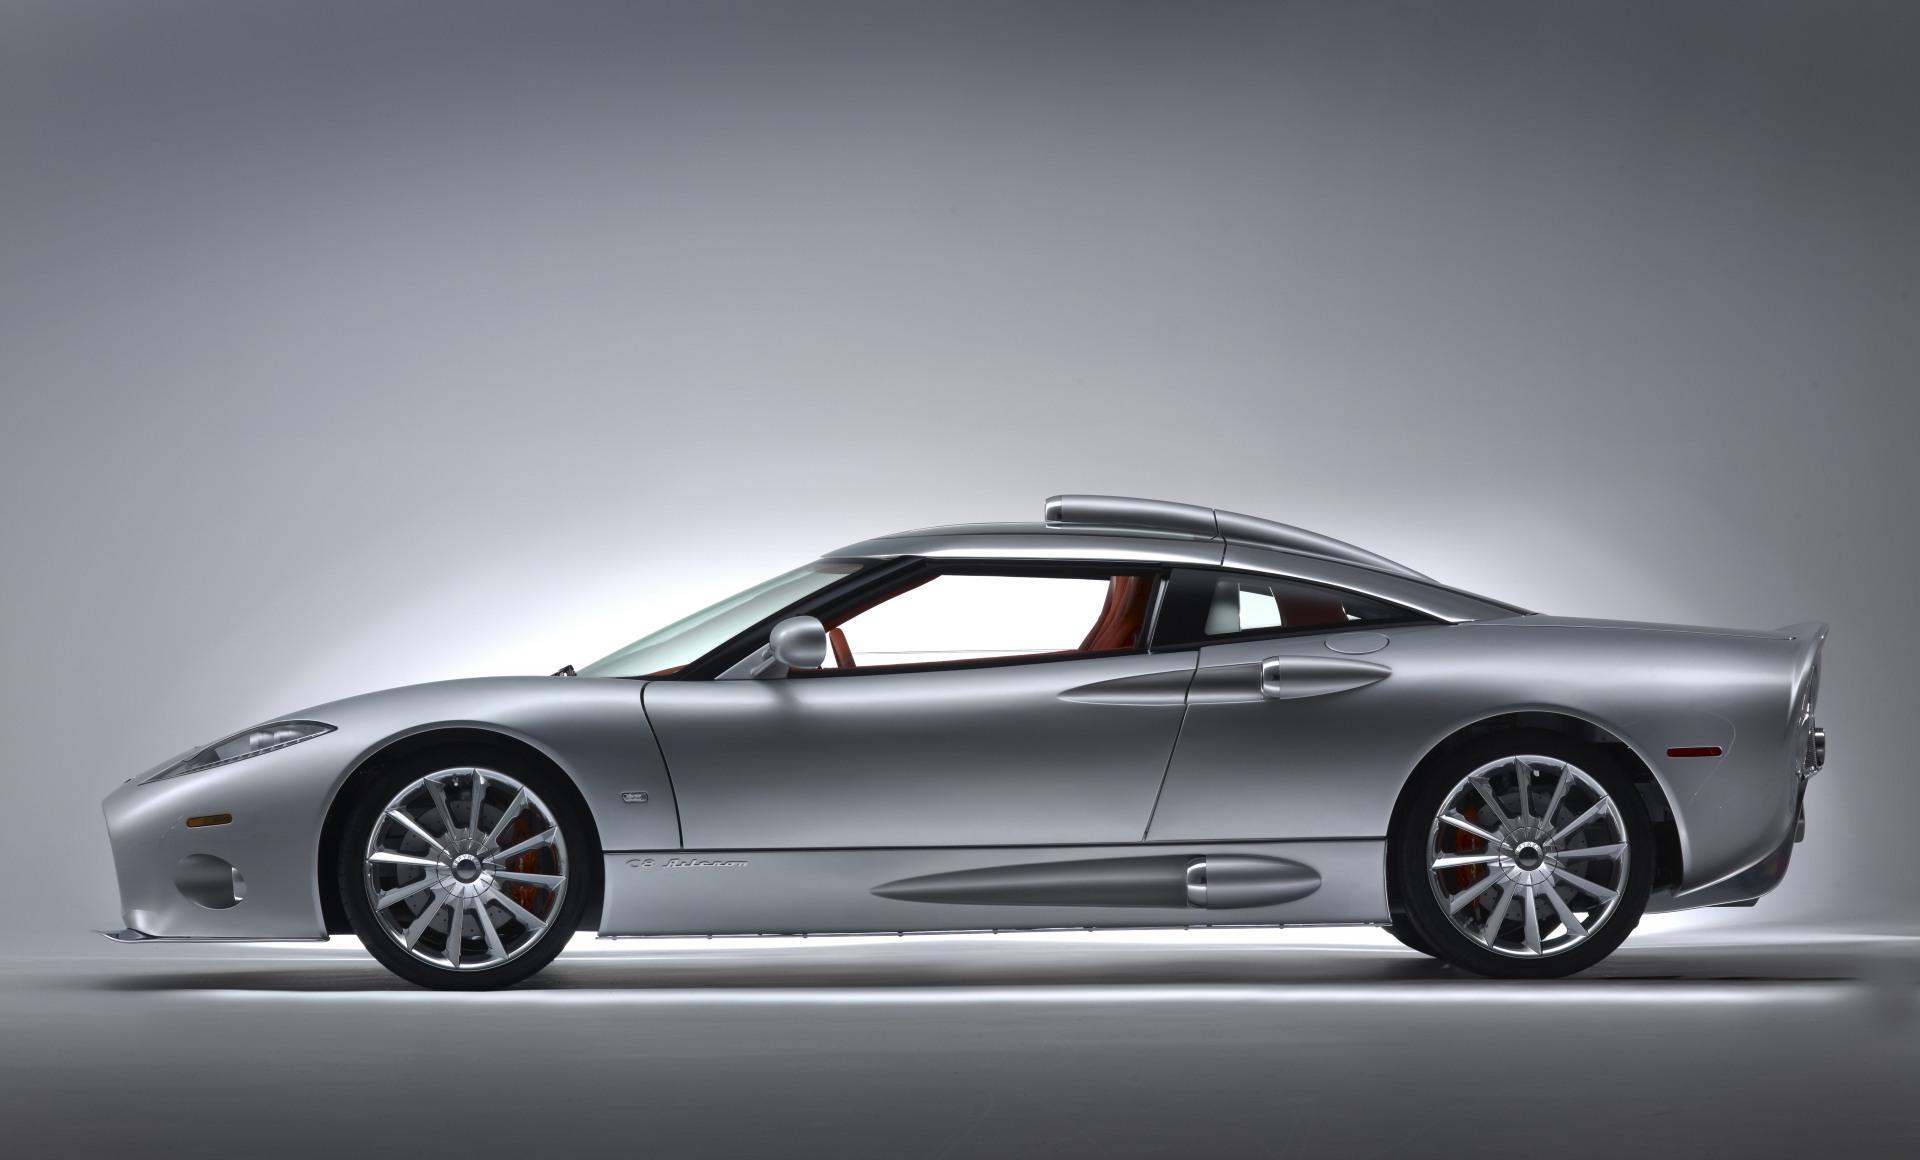 Geneva Auto Sales >> 2009 Spyker C8 Aileron - conceptcarz.com